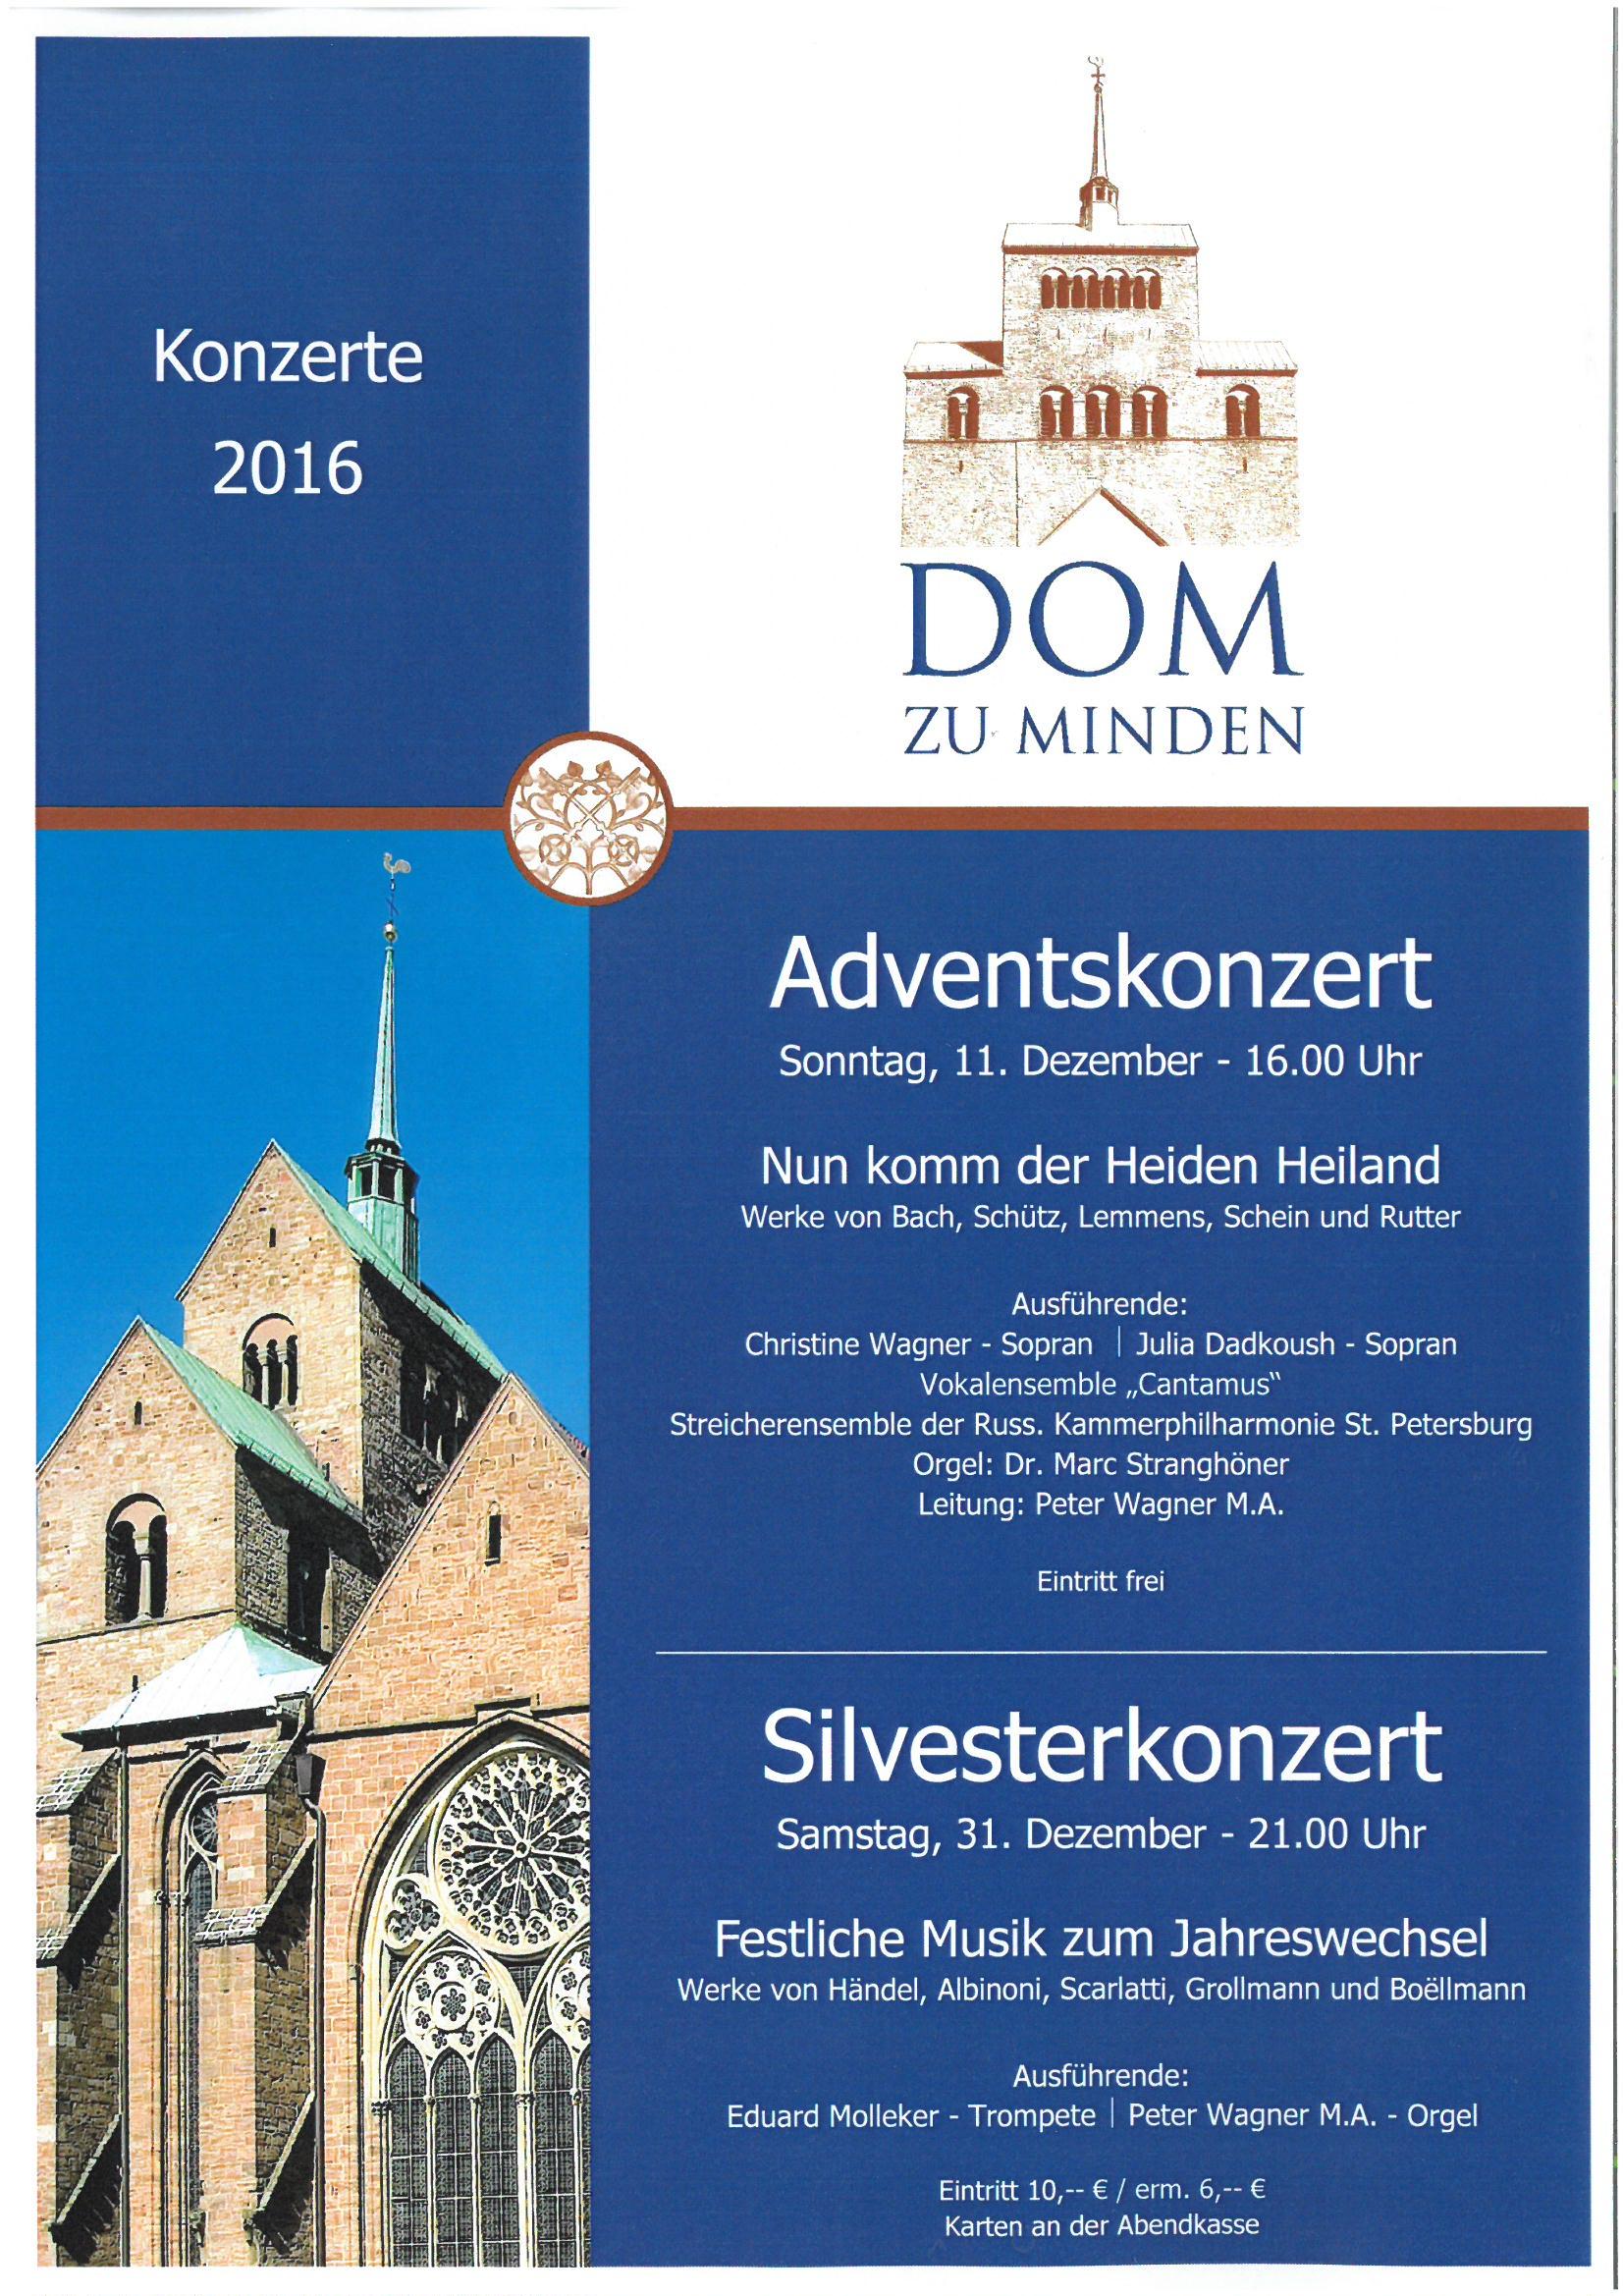 Adventskonzert am 11.12.2016 - Silvesterkonzert am 31.12.2016